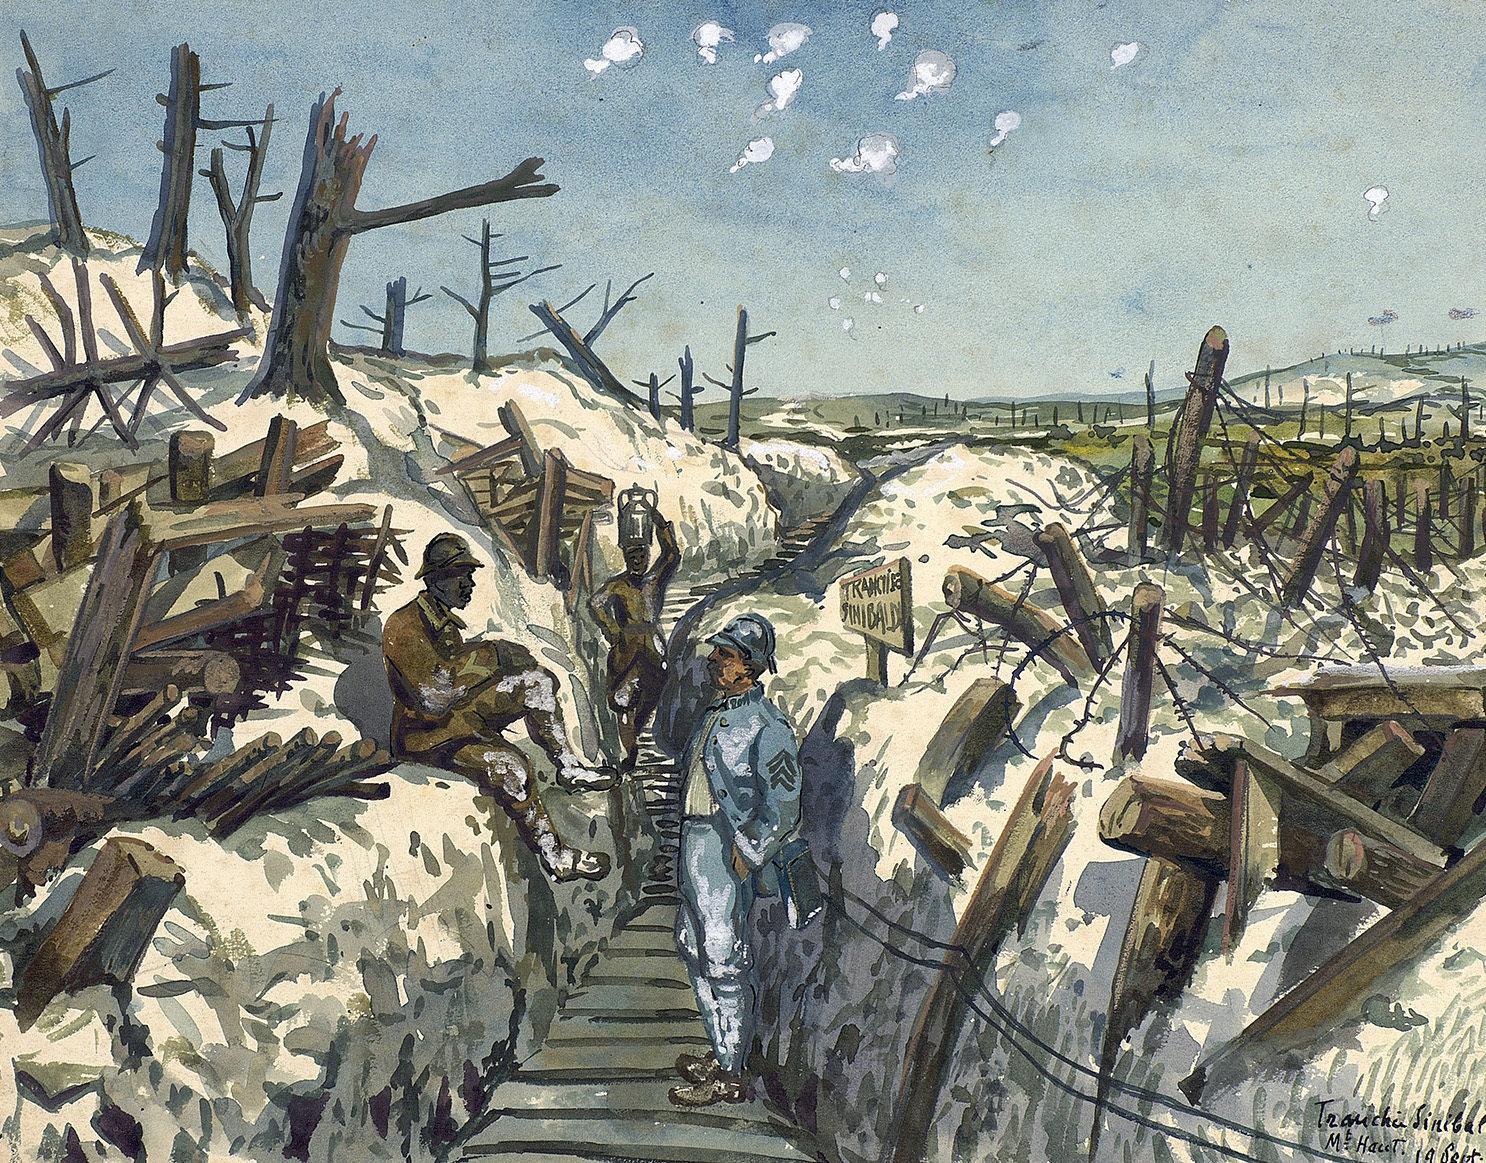 After the Bombardment, 21 January 1917, Alphonse Robine, Europeana 1914-1918 / Madame Nicole Robine, CC BY-SA